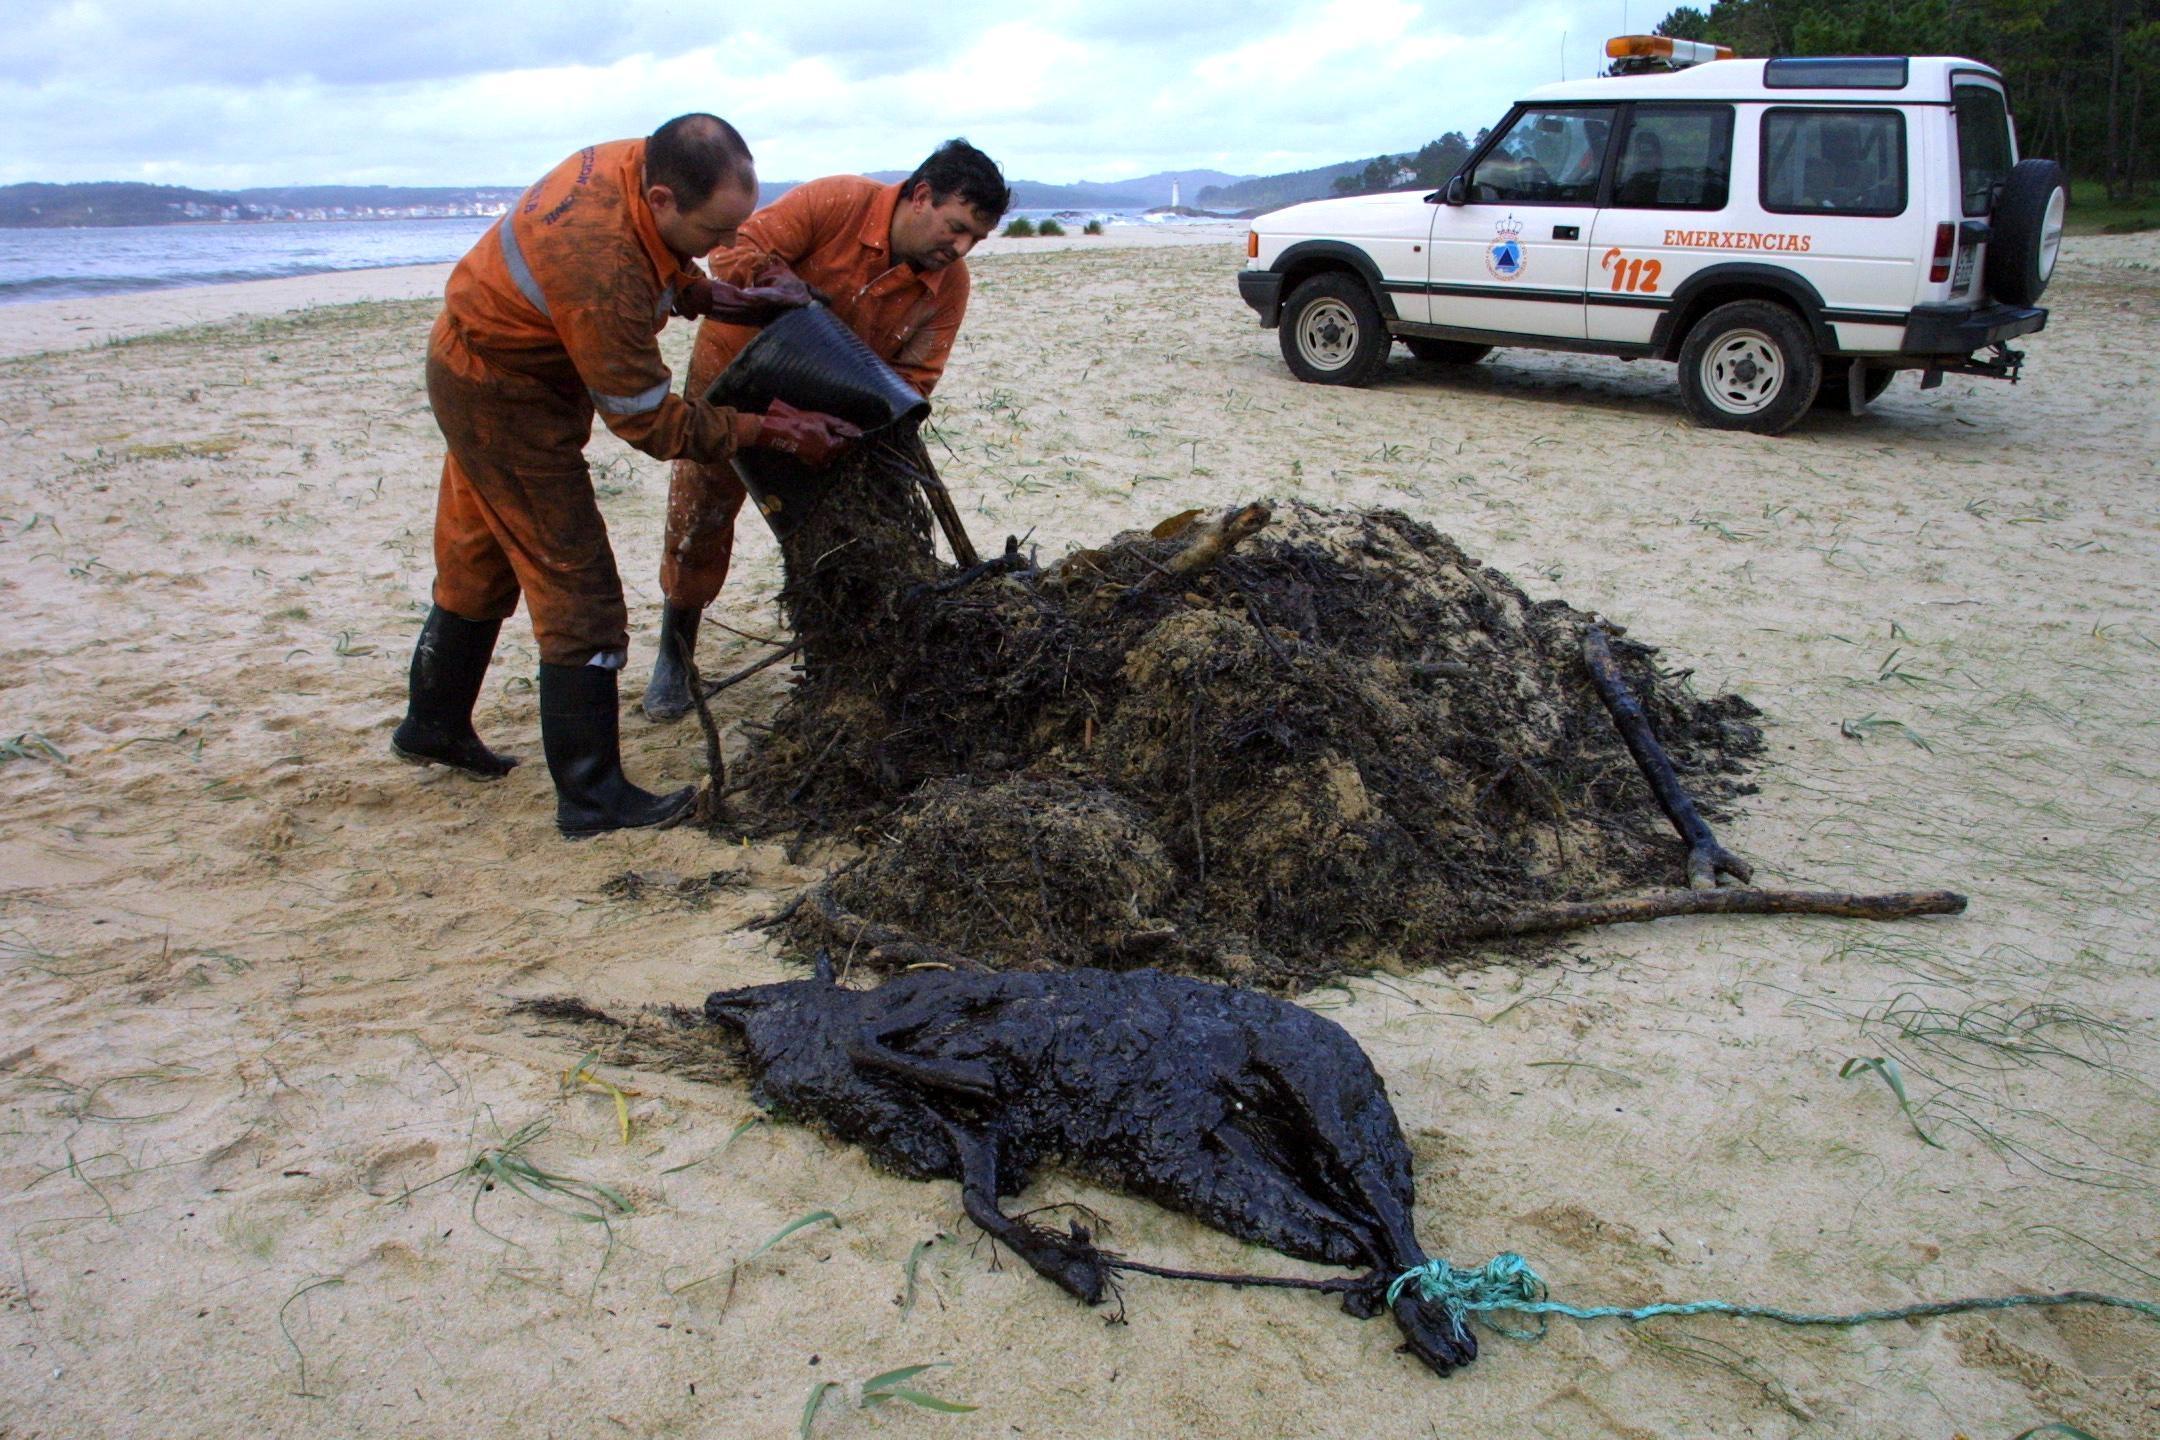 Hasta los animales terrestres sucumben a la marea negra. Dos miembros de Protección Civil recogen el cadáver de una oveja cubierta de petróleo en la playa de O Lago, en Muxía. <br> <b>José Manuel Casal</b>